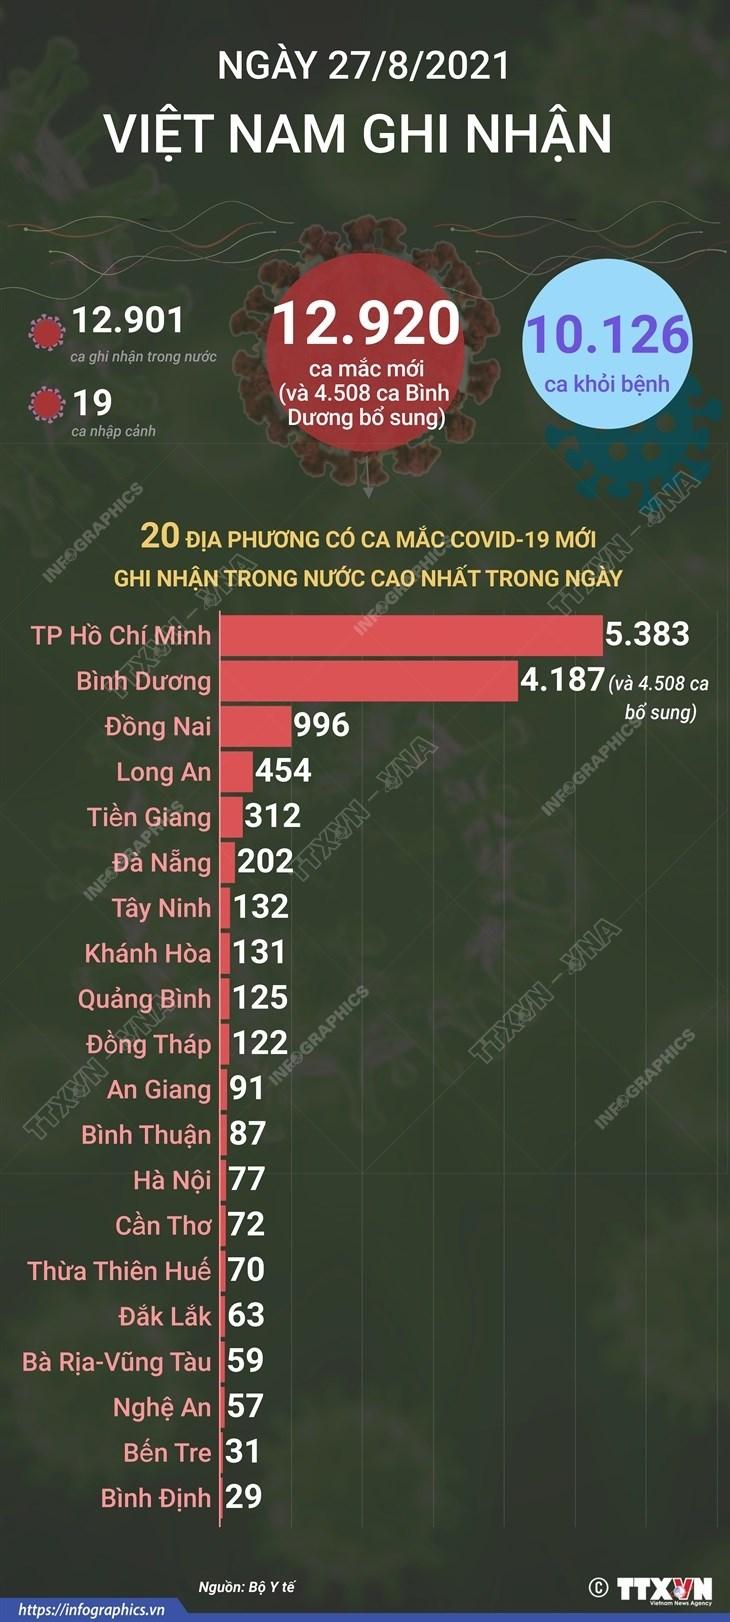 [Infographics] Tinh hinh dich benh COVID-19 trong ngay 27/8 hinh anh 1